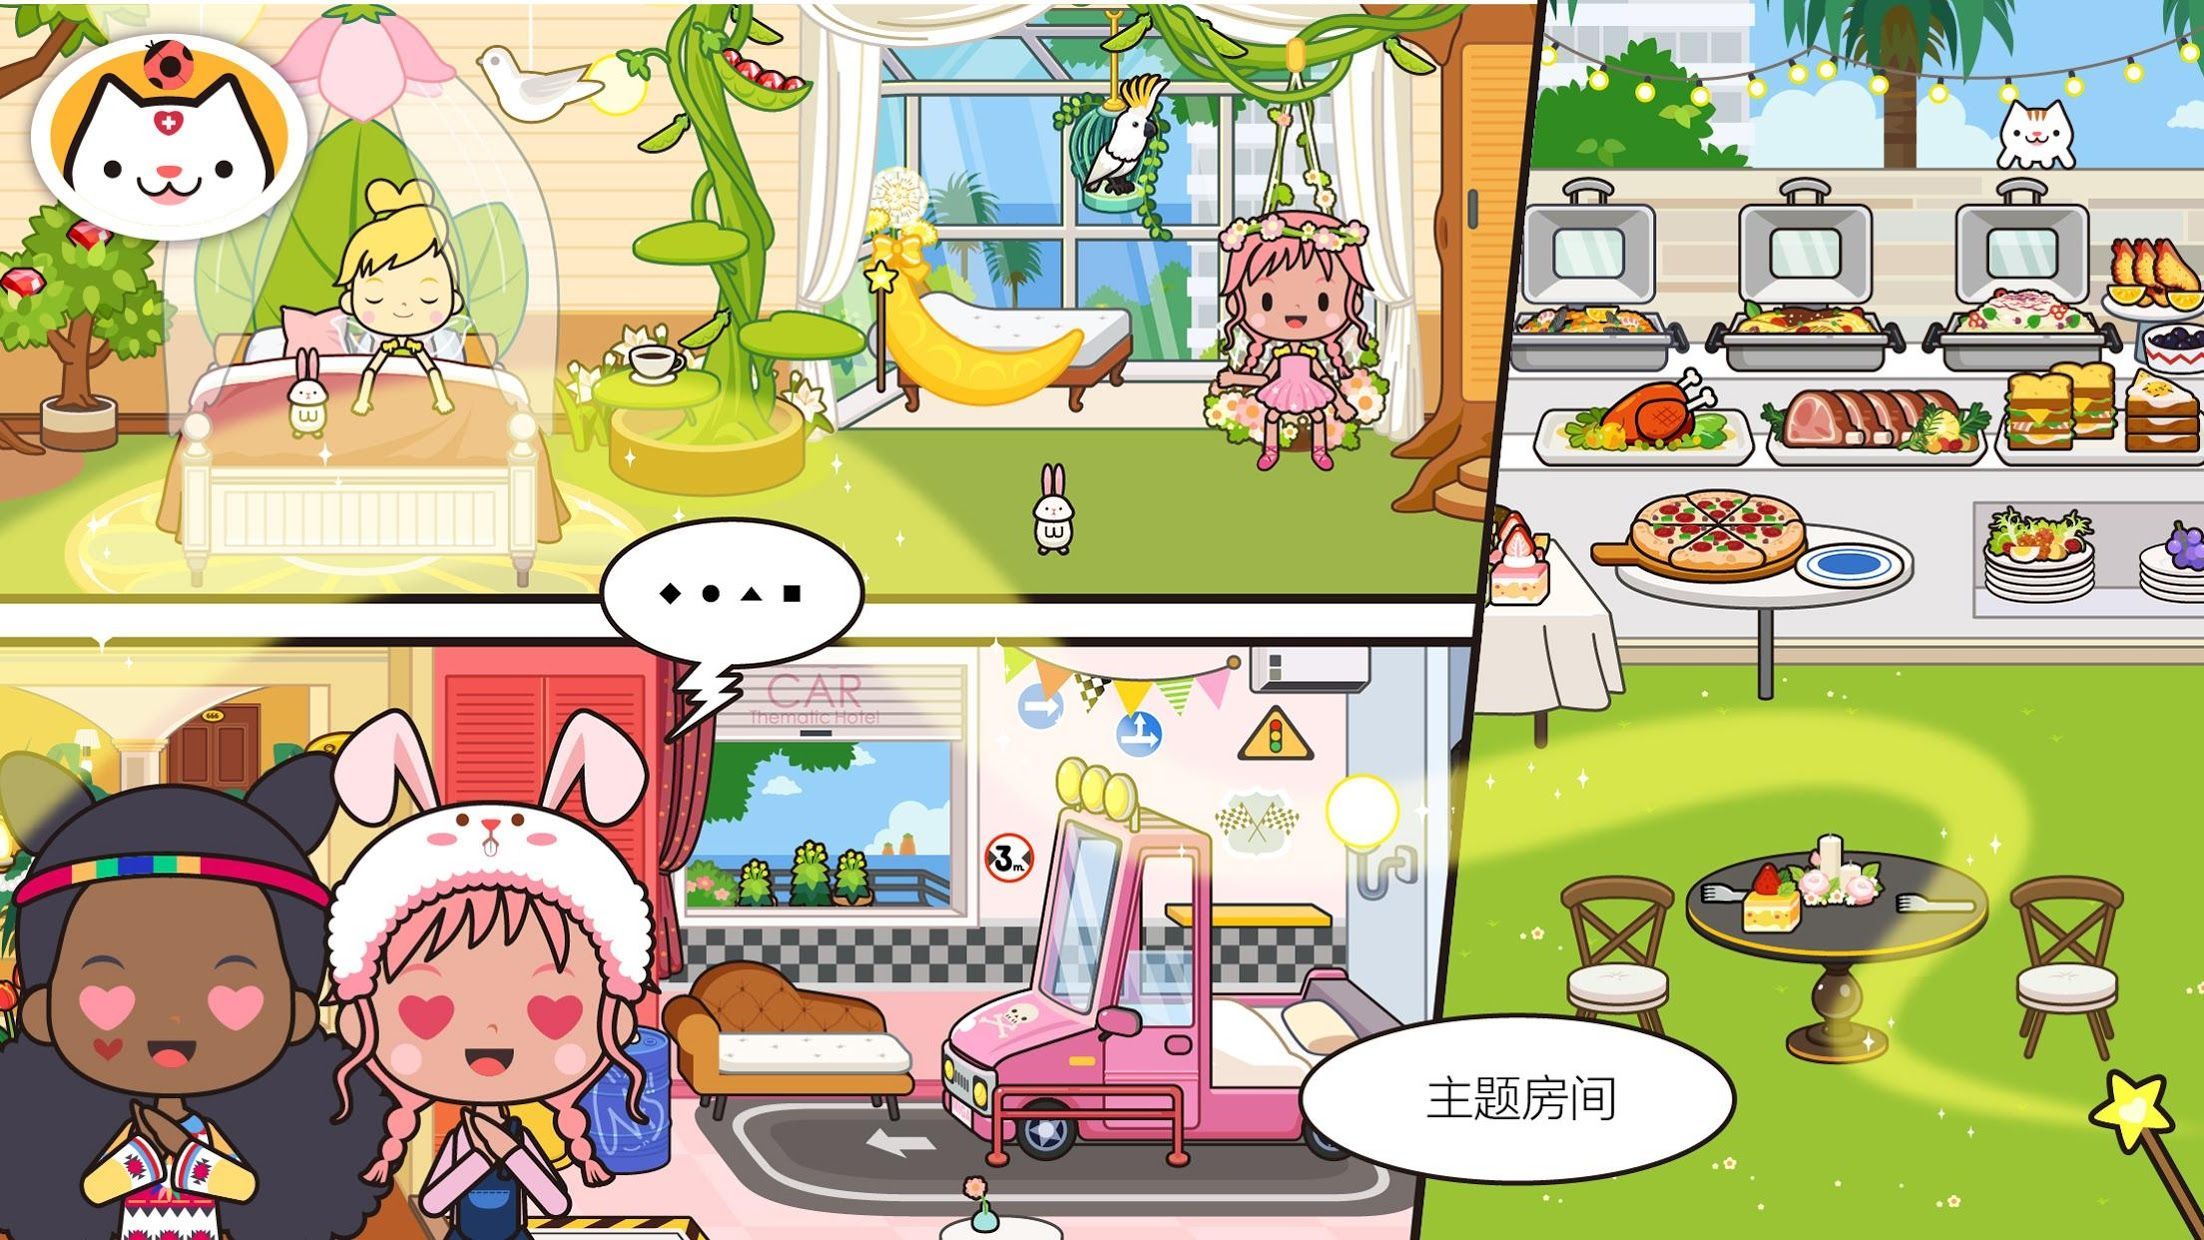 米加小镇:度假之旅-益智教育游戏 游戏截图2